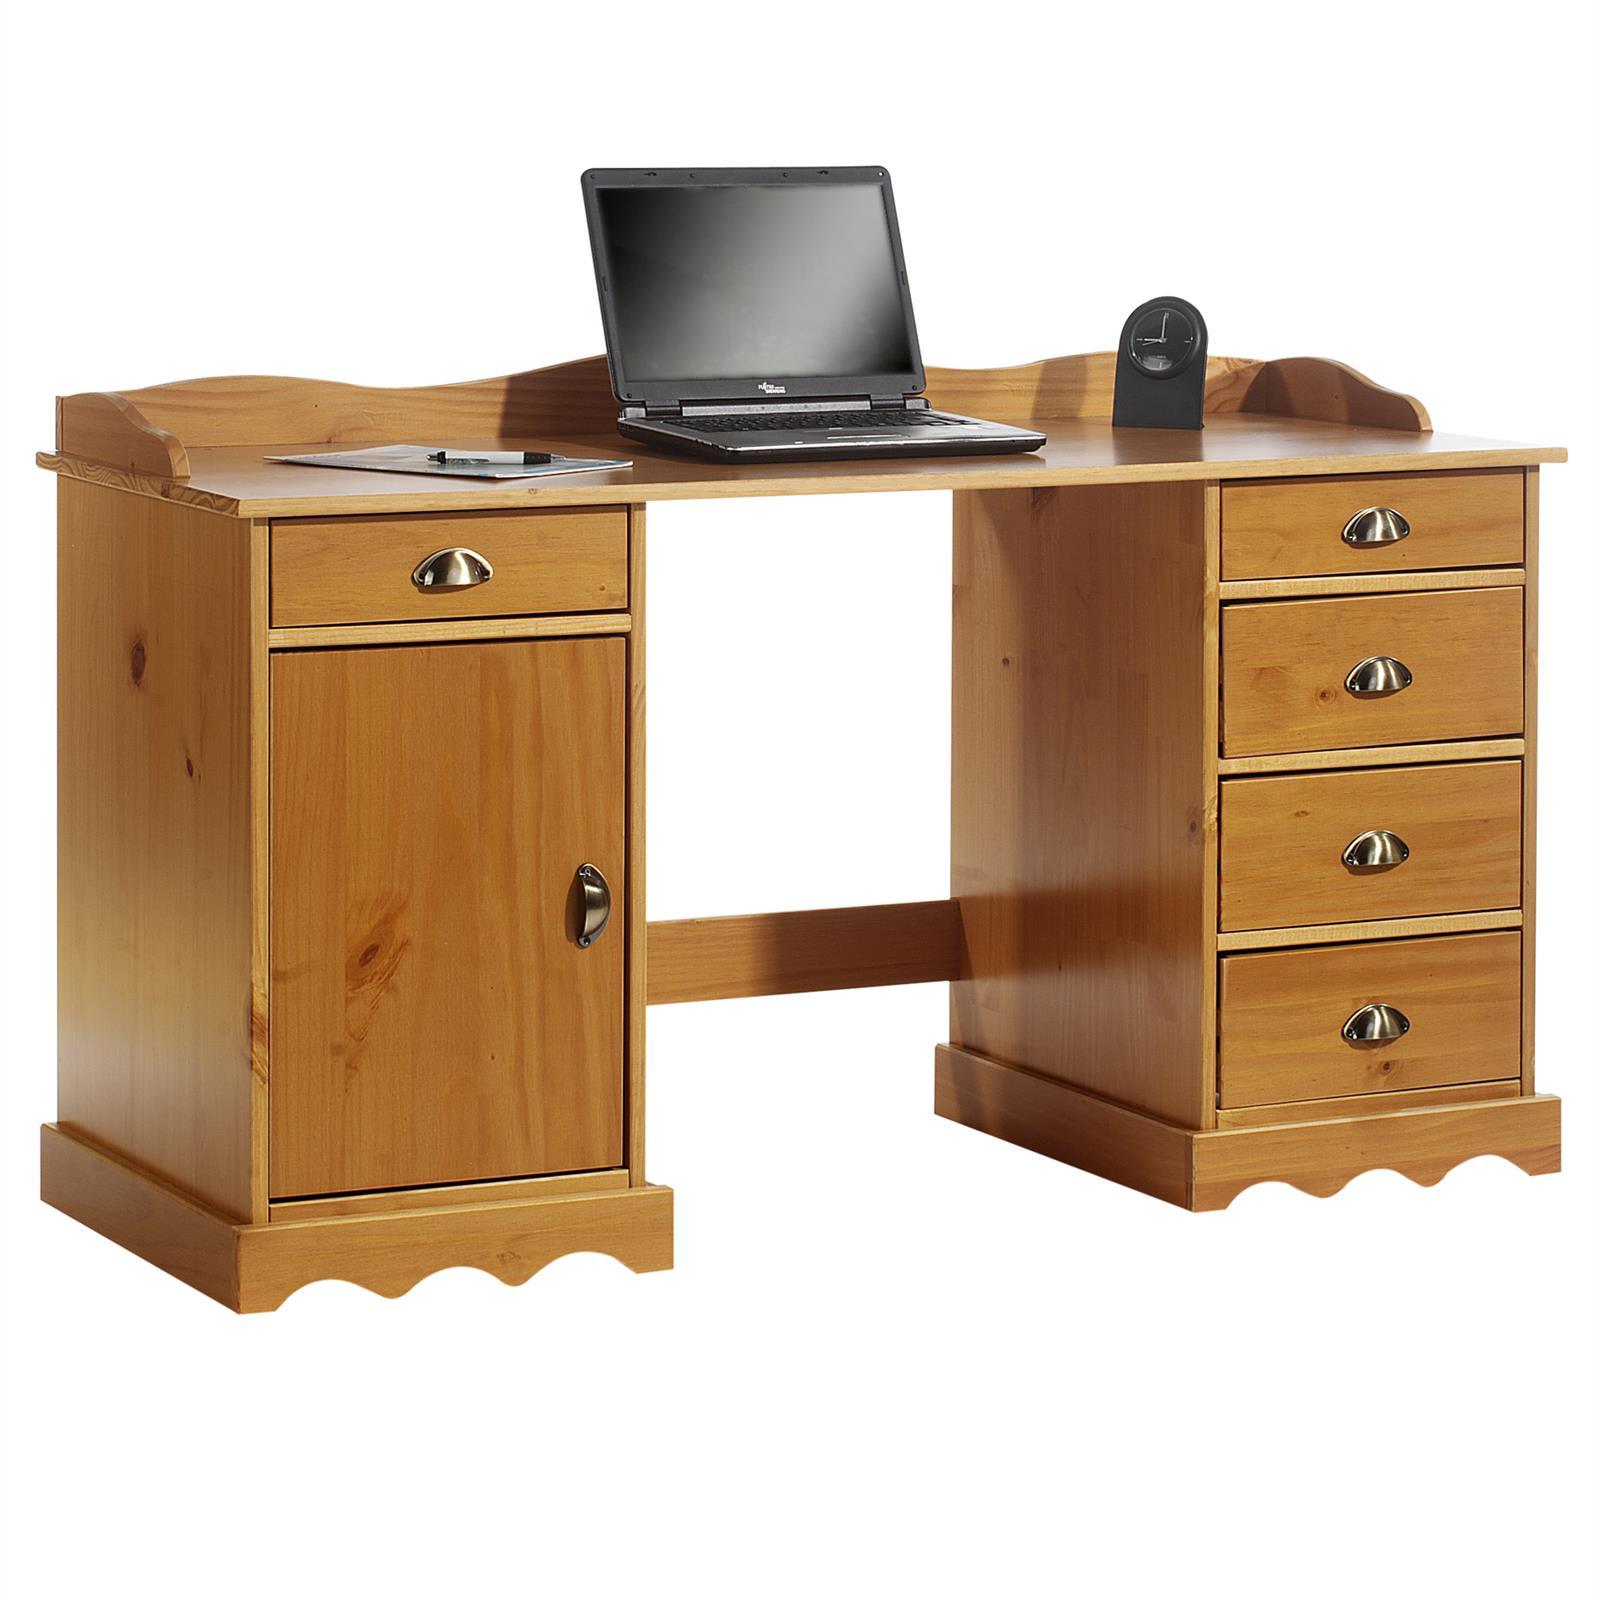 Schreibtisch mit aufsatz computertisch arbeitstisch kiefer for Computer schreibtisch mit aufsatz